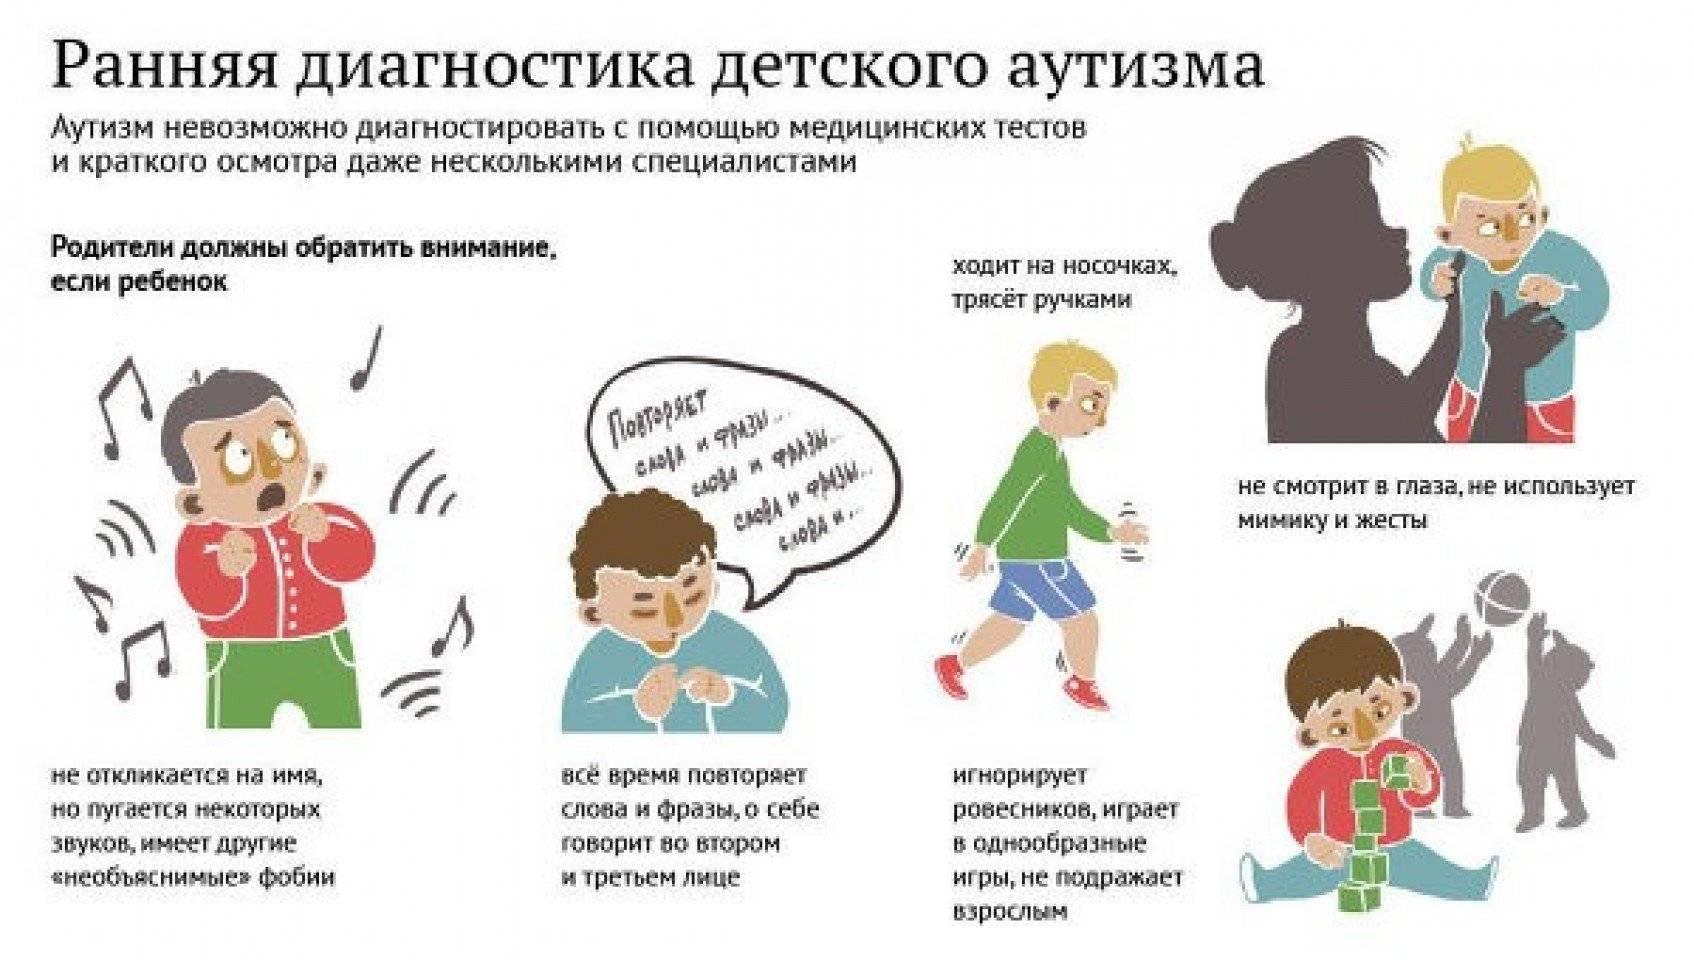 аутизм излечим